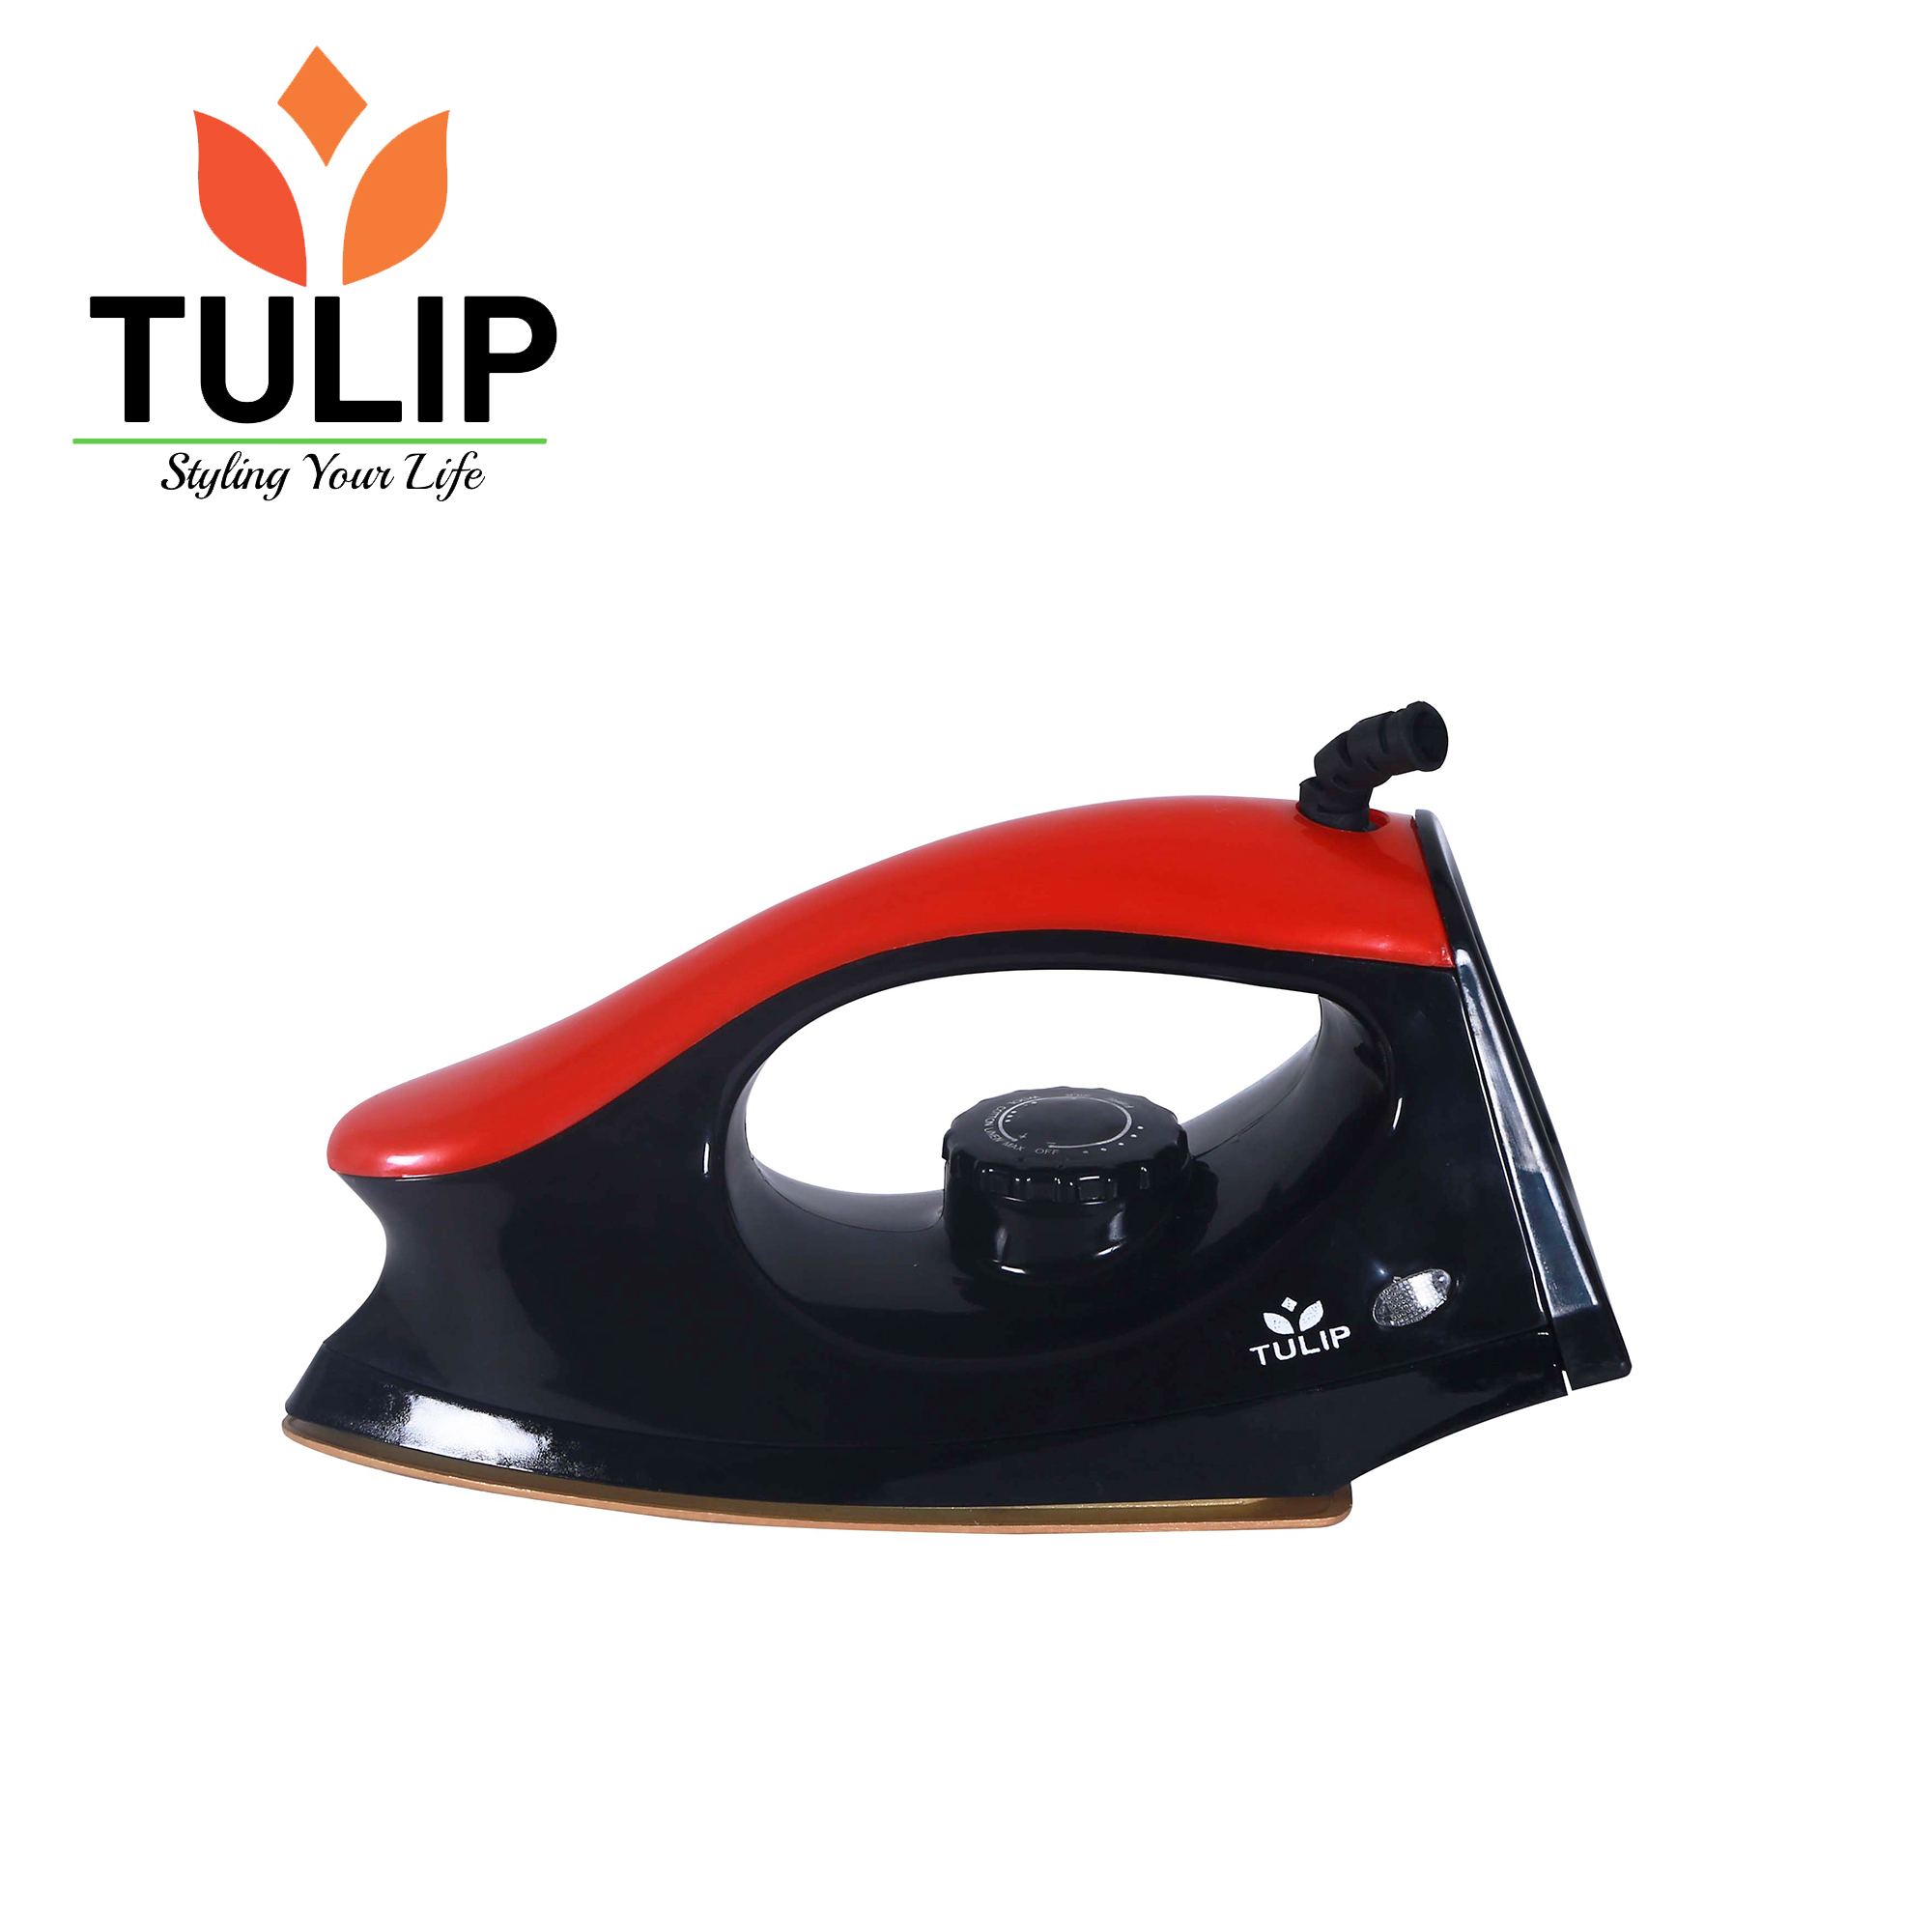 Tulip Dry Iron DESIGNER